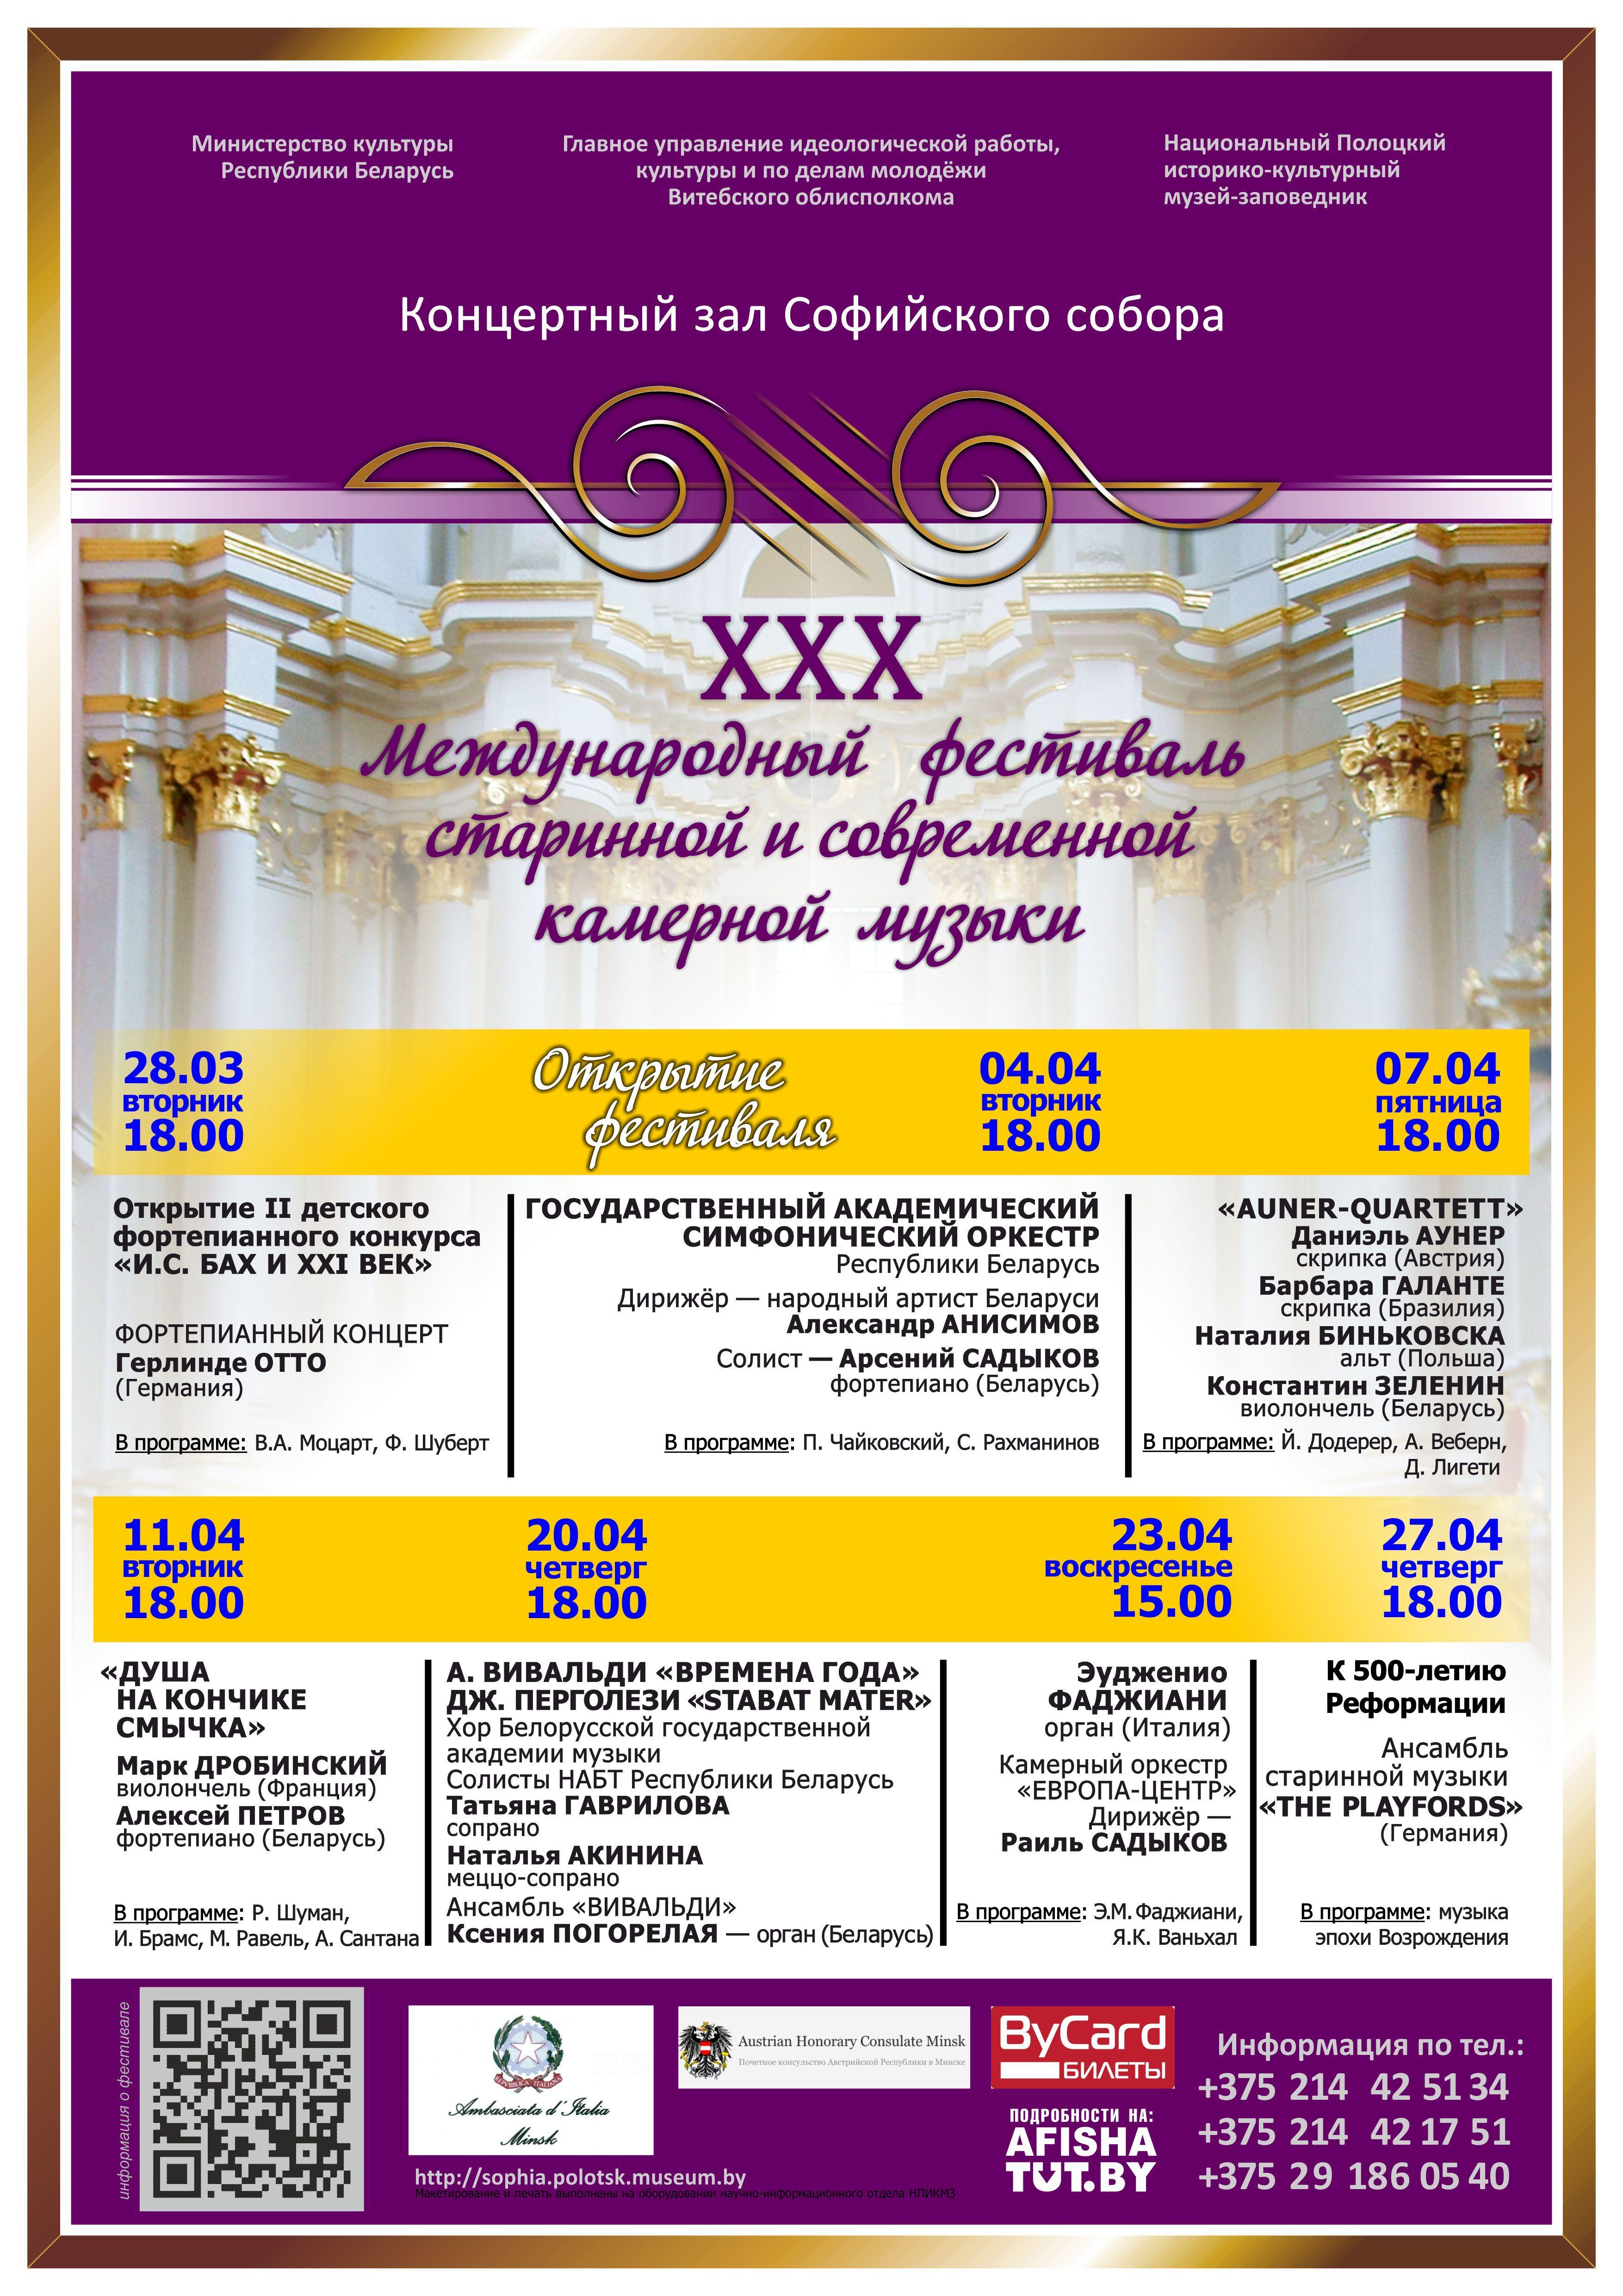 С 28 марта по 27 апреля в концертном зале Софийского собора пройдёт юбилейный ХХХ Международный фестиваль старинной и современной камерной музыки